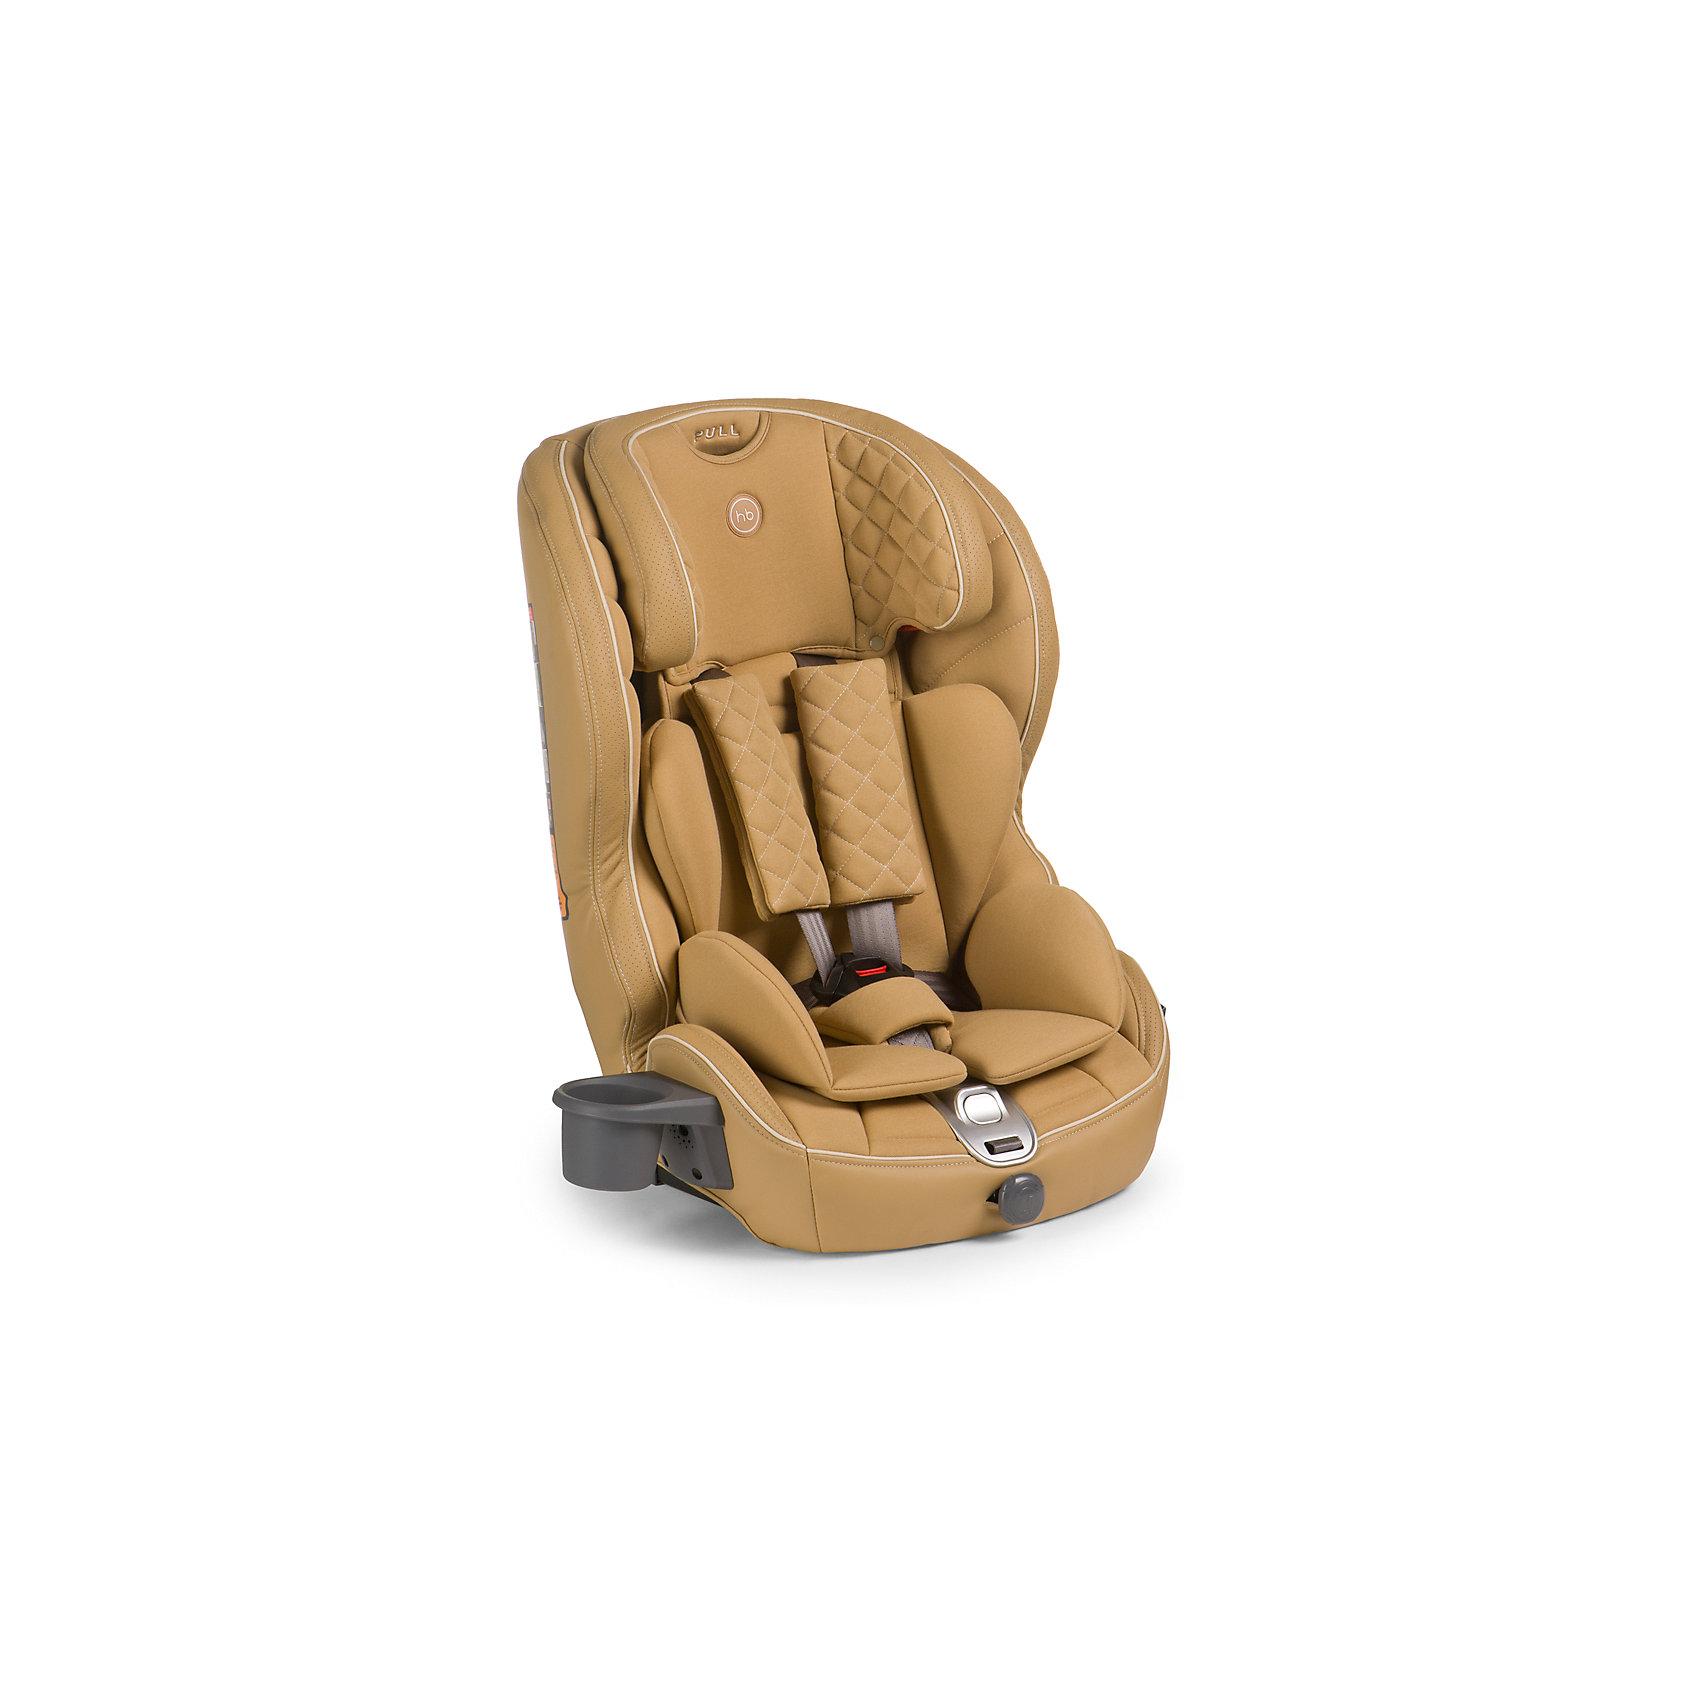 Автокресло Mustang Isofix, 9-36 кг., Happy Baby, бежевыйБезмятежный комфорт и безопасность в дороге подарит вашему малышу автокресло MUSTANG ISOFIX. Безопасность ребенка обеспечивает крепление ISOFIX, которое вместе с якорным ремнем TOP TETHER полностью исключает неправильную установку автокресла в машине. Установка не вызовет проблем у любых родителей: просто вставьте крепление в соответствующие разъемы автомобиля и протолкните до щелчка. Жесткая база автокресла выполнена из особо прочного материала и декорирована мягкой обивкой из эко-кожи и ткани, что создает дополнительный комфорт для ребенка во время поездок. Автокресло MUSTANG ISOFIX имеет плавное регулирование наклона спинки, пятиточечные ремни безопасности с мягкими накладками и прорезиненными плечевыми накладками во избежание скольжения, съемный чехол и фиксатор натяжения ремня. Для дополнительного комфорта во время поездок на автомобиле предусмотрен подстаканник. Современное концептуальное звучание формы, материалов и цветовое исполнение гарантирует превосходную адаптацию автокресла в интерьере вашего автомобиля.<br><br>Дополнительная информация:<br><br>Группа I-II-III (от 9 до 36 кг)<br>Габариты автокресла (ВхШхГ): 70*55*52см<br>Ширина посадочного места с вкладкой/без вкладки: 25/34 см<br>Глубина посадочного места с вкладкой/без вкладки: 27/30 см<br>Длинна спального места с вкладкой/без вкладки: 86/90 см<br>Вес автокресла: 7 кг<br>Трансформируется в бустер: нет<br>Регулируемый наклон спинки: плавная регулировка (угол наклона 90°-78°)<br>Регулируемый по высоте подголовник: 5 положений<br>Материал: пластик, металл, 100 % полиуретан (экокожа), 100 % полиэстер<br>Крепление ISOFIX <br>Якорный ремень TOP TETHER<br>Пятиточечные ремни безопасности с мягкими накладками<br>Плечевые накладки прорезинены для избежания скольжения<br>Съемный чехол с элементами из экокожи<br>Фиксатор натяжения ремня<br>Устанавливается лицом по ходу движения автомобиля<br>В комплекте: подстаканник <br>Защита от боковых ударов<br>Фиксатор